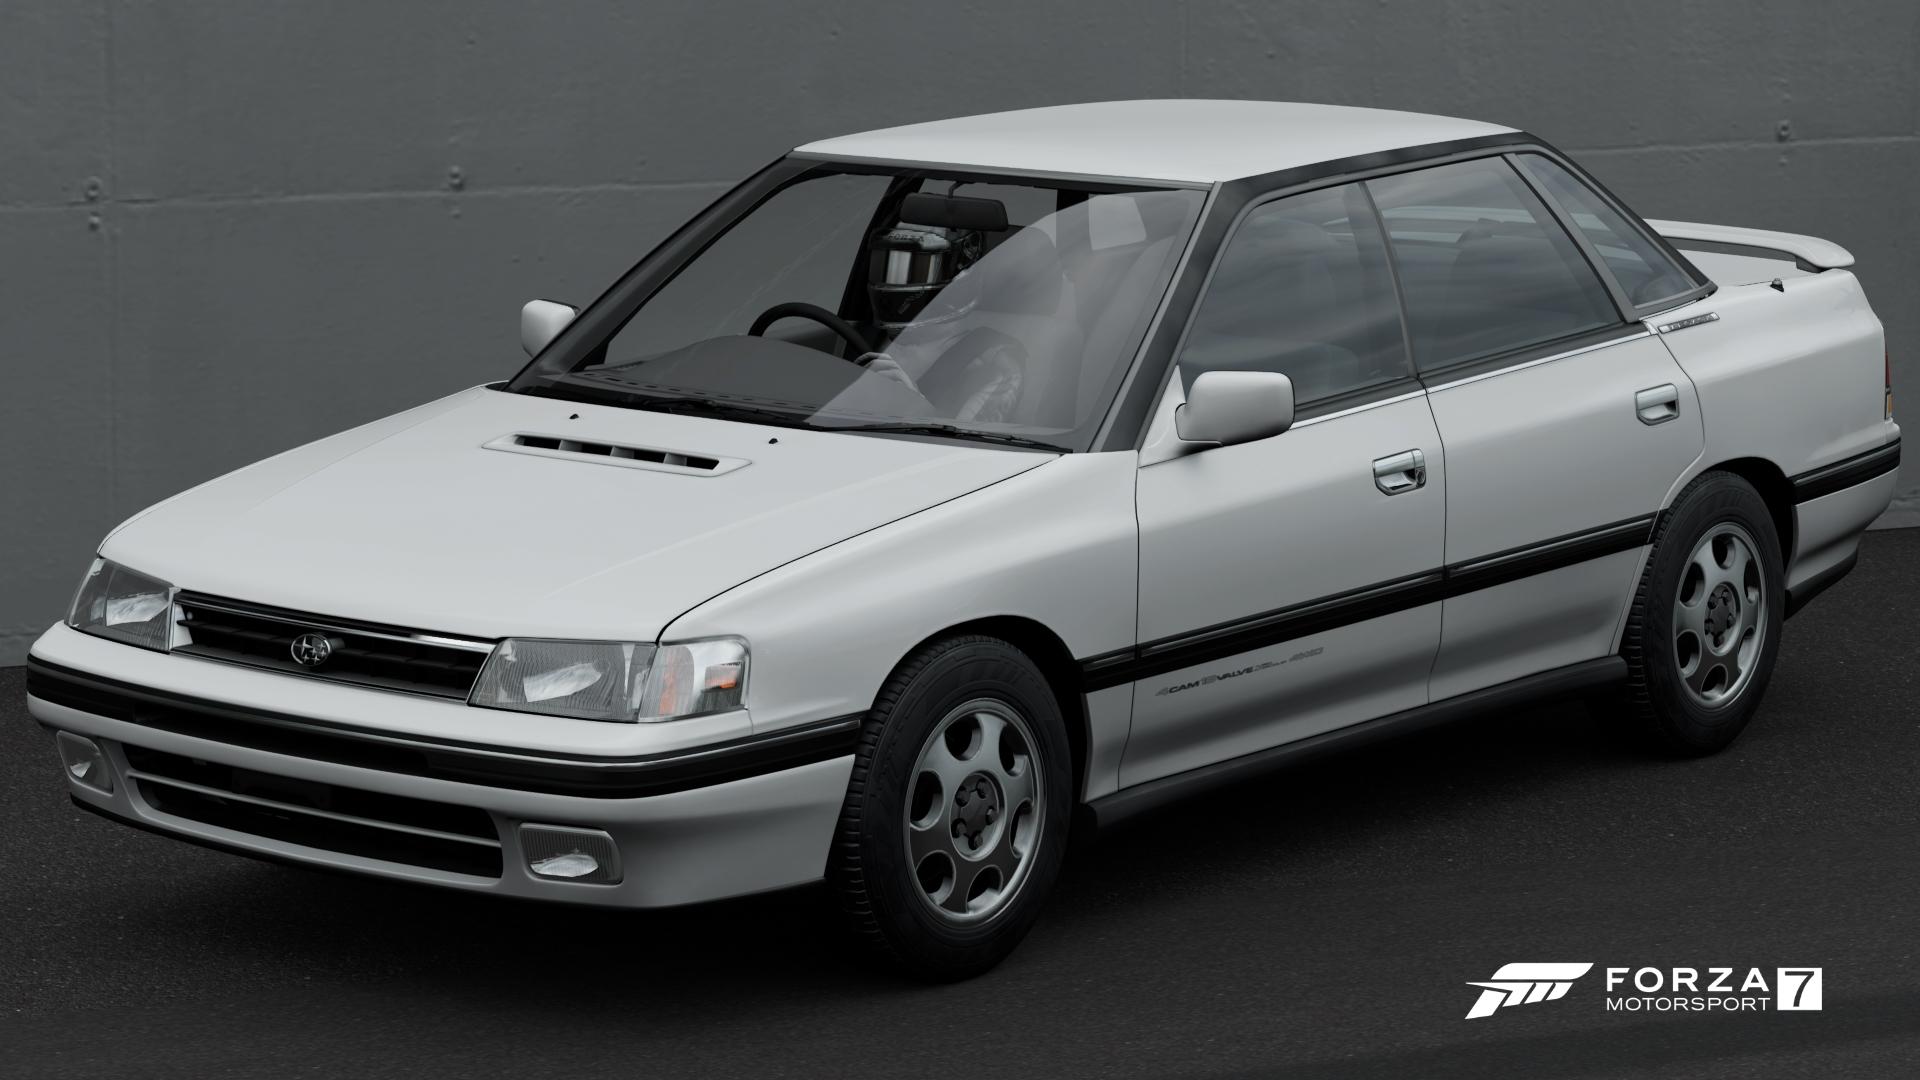 Subaru Legacy Rs Forza Motorsport Wiki Fandom Powered By Wikia